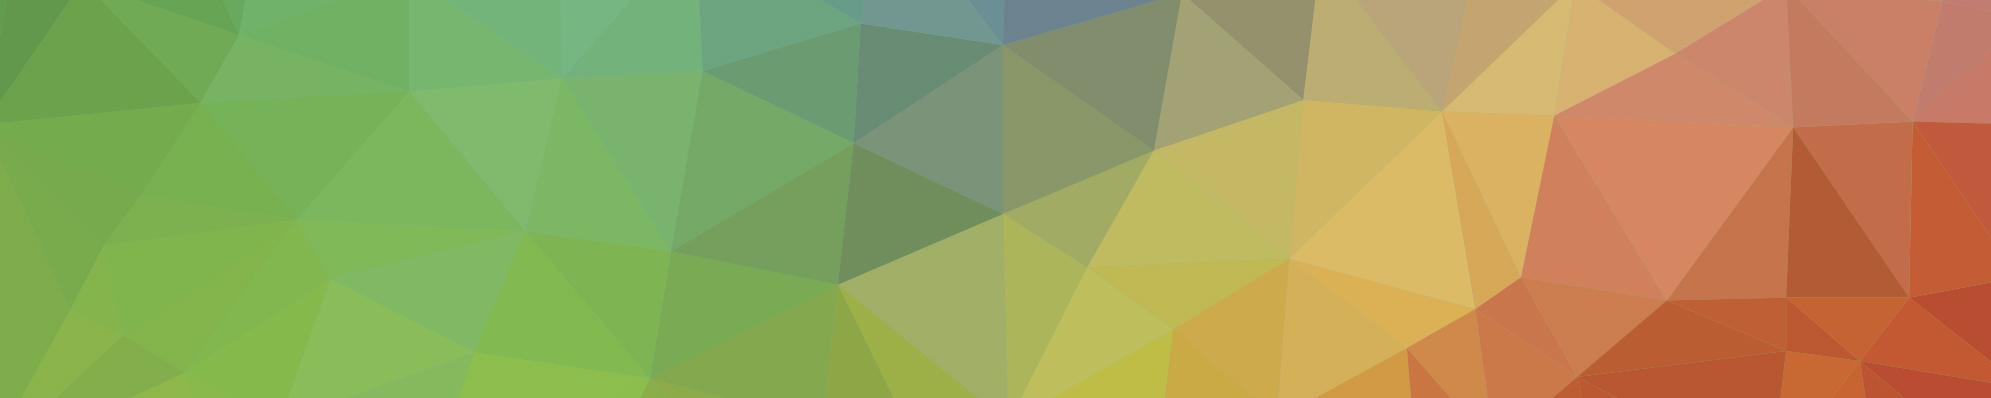 Downloads | Color Line Paints